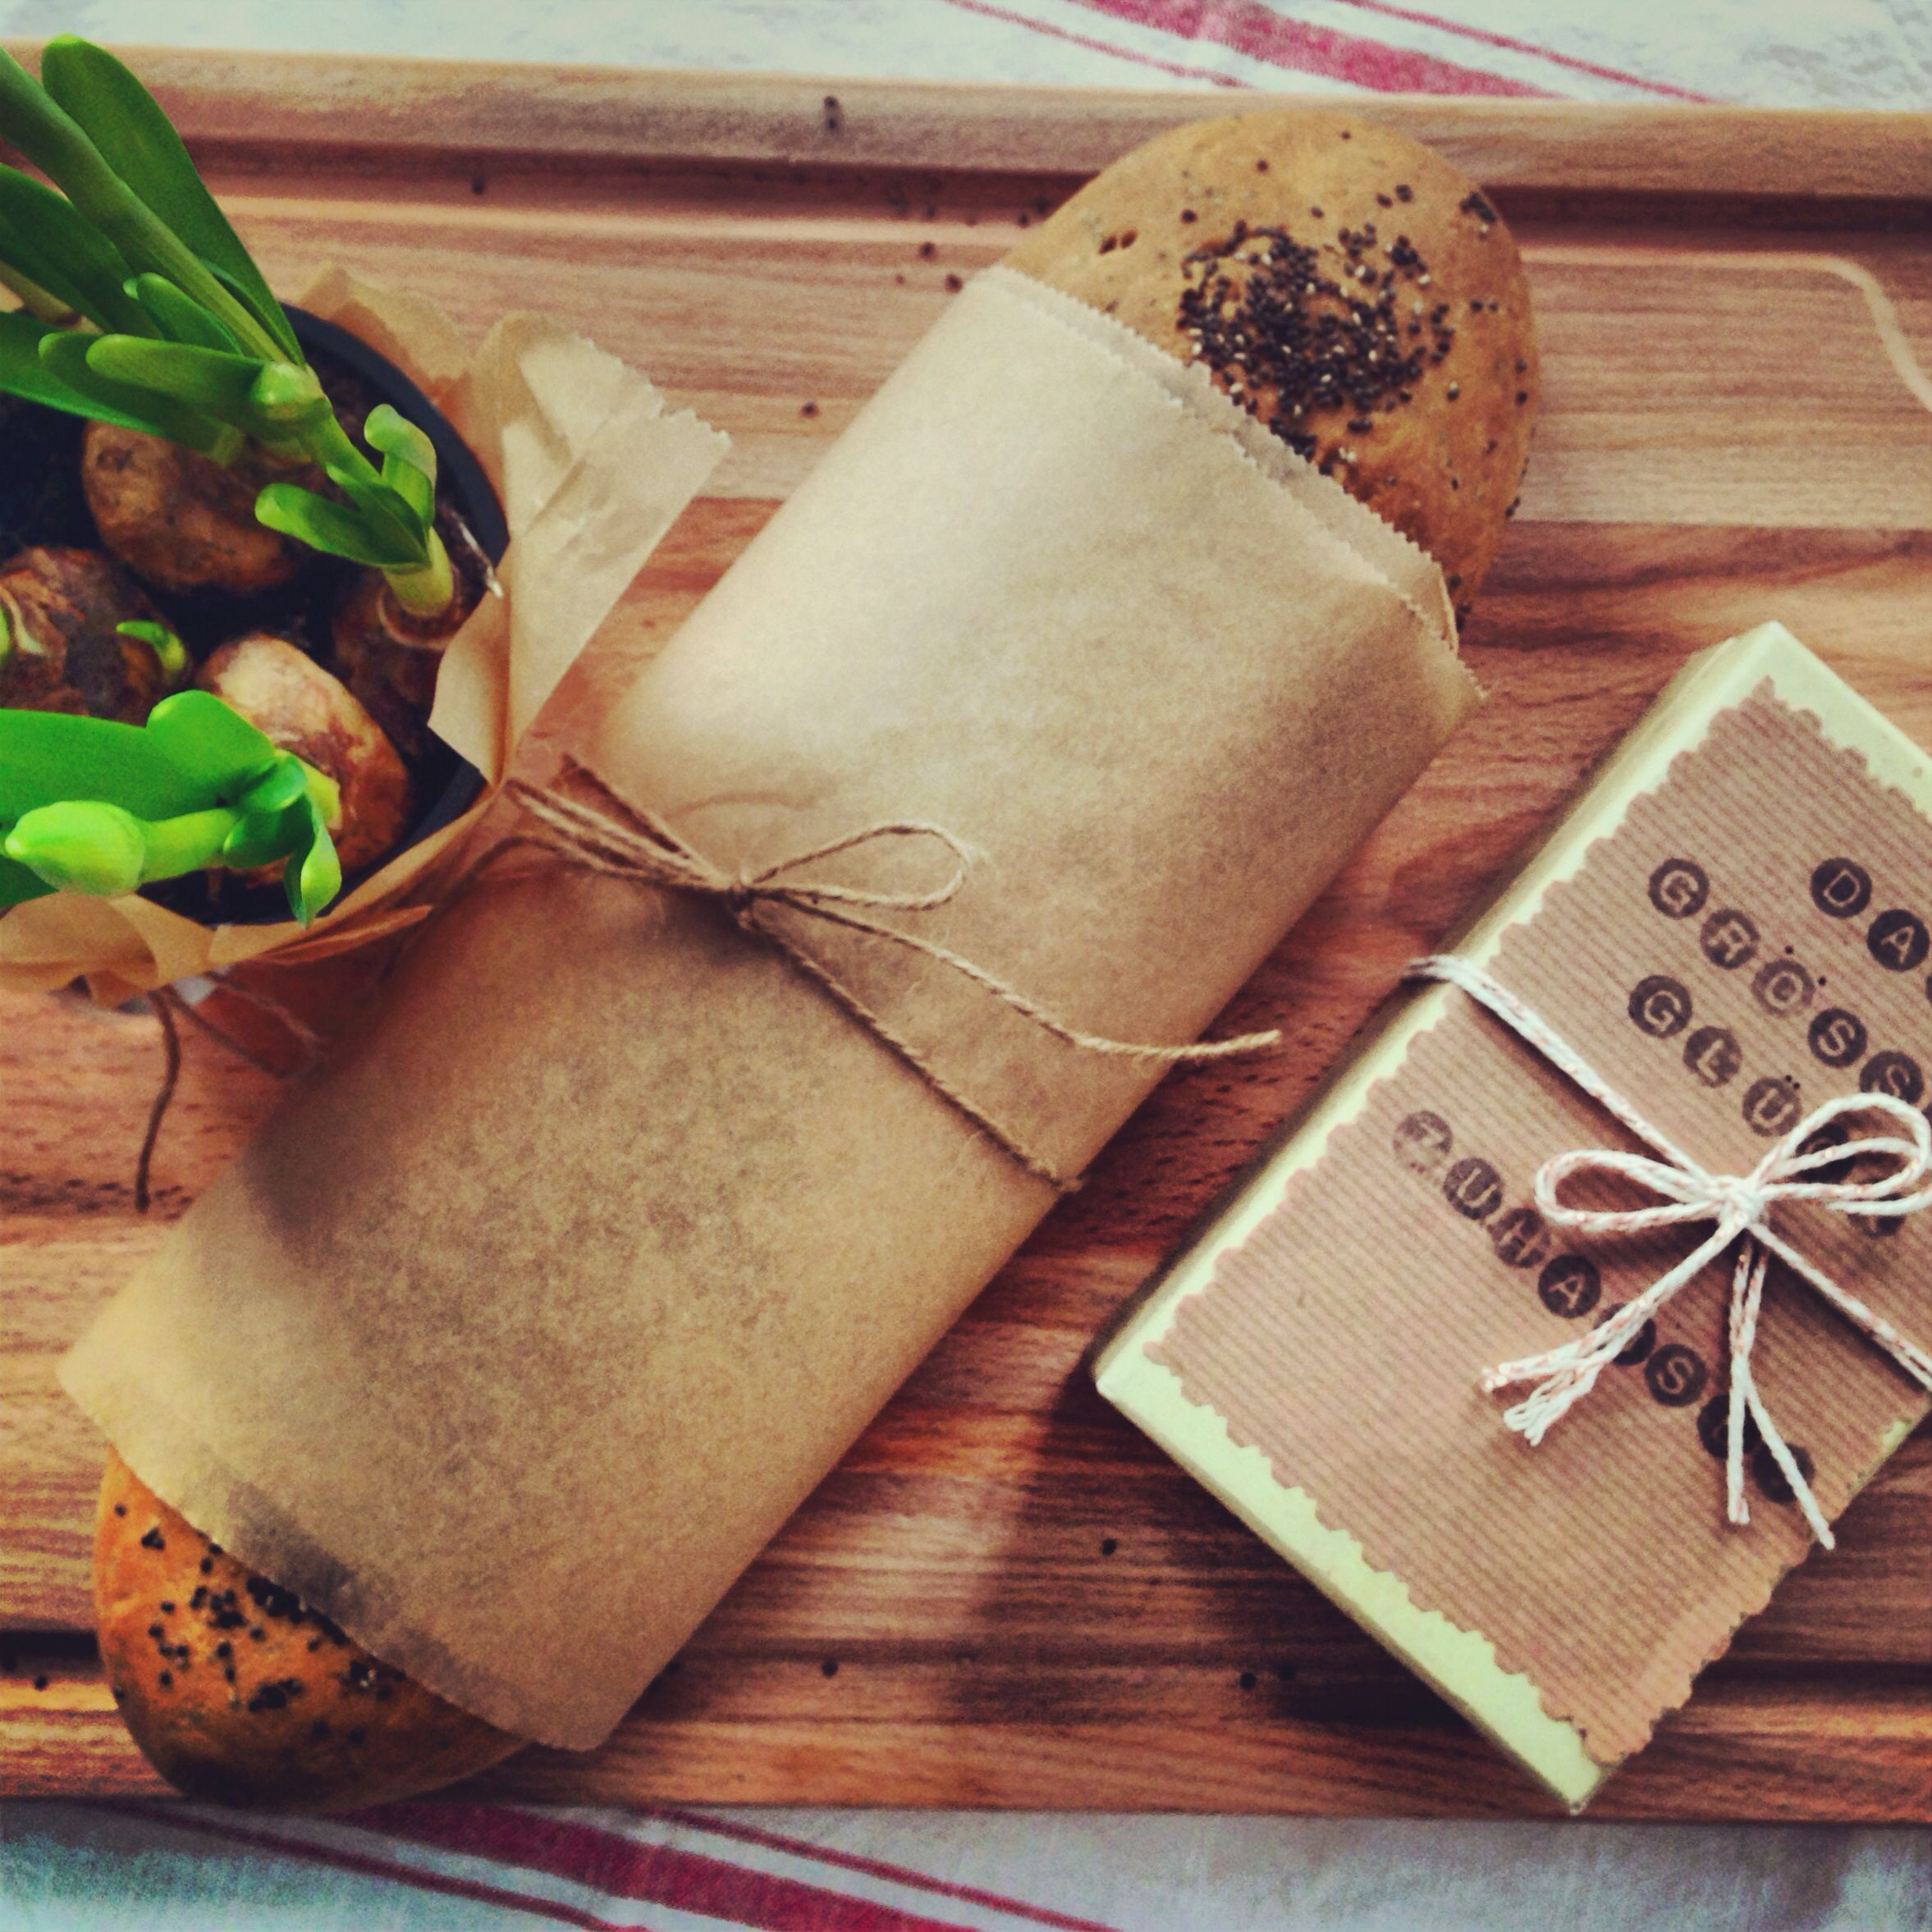 Geschenk zum Einzug Brot & Salz ist klar aber was noch DIY